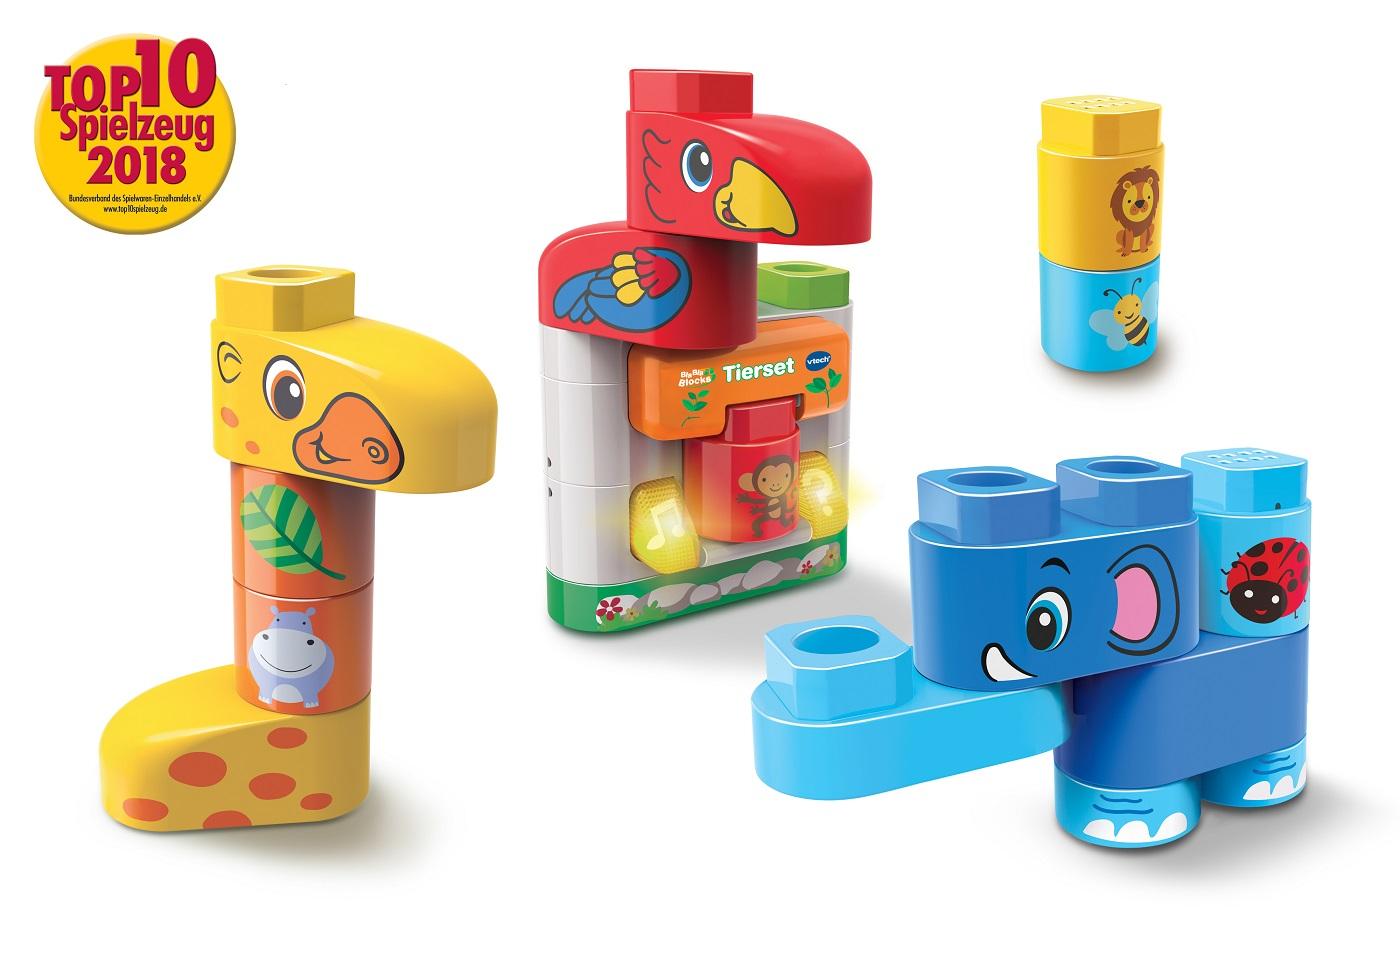 SEHR GUT Clementoni Mind Robot Elektronisch Zeichnet Programmiert Spielzeug Roboter